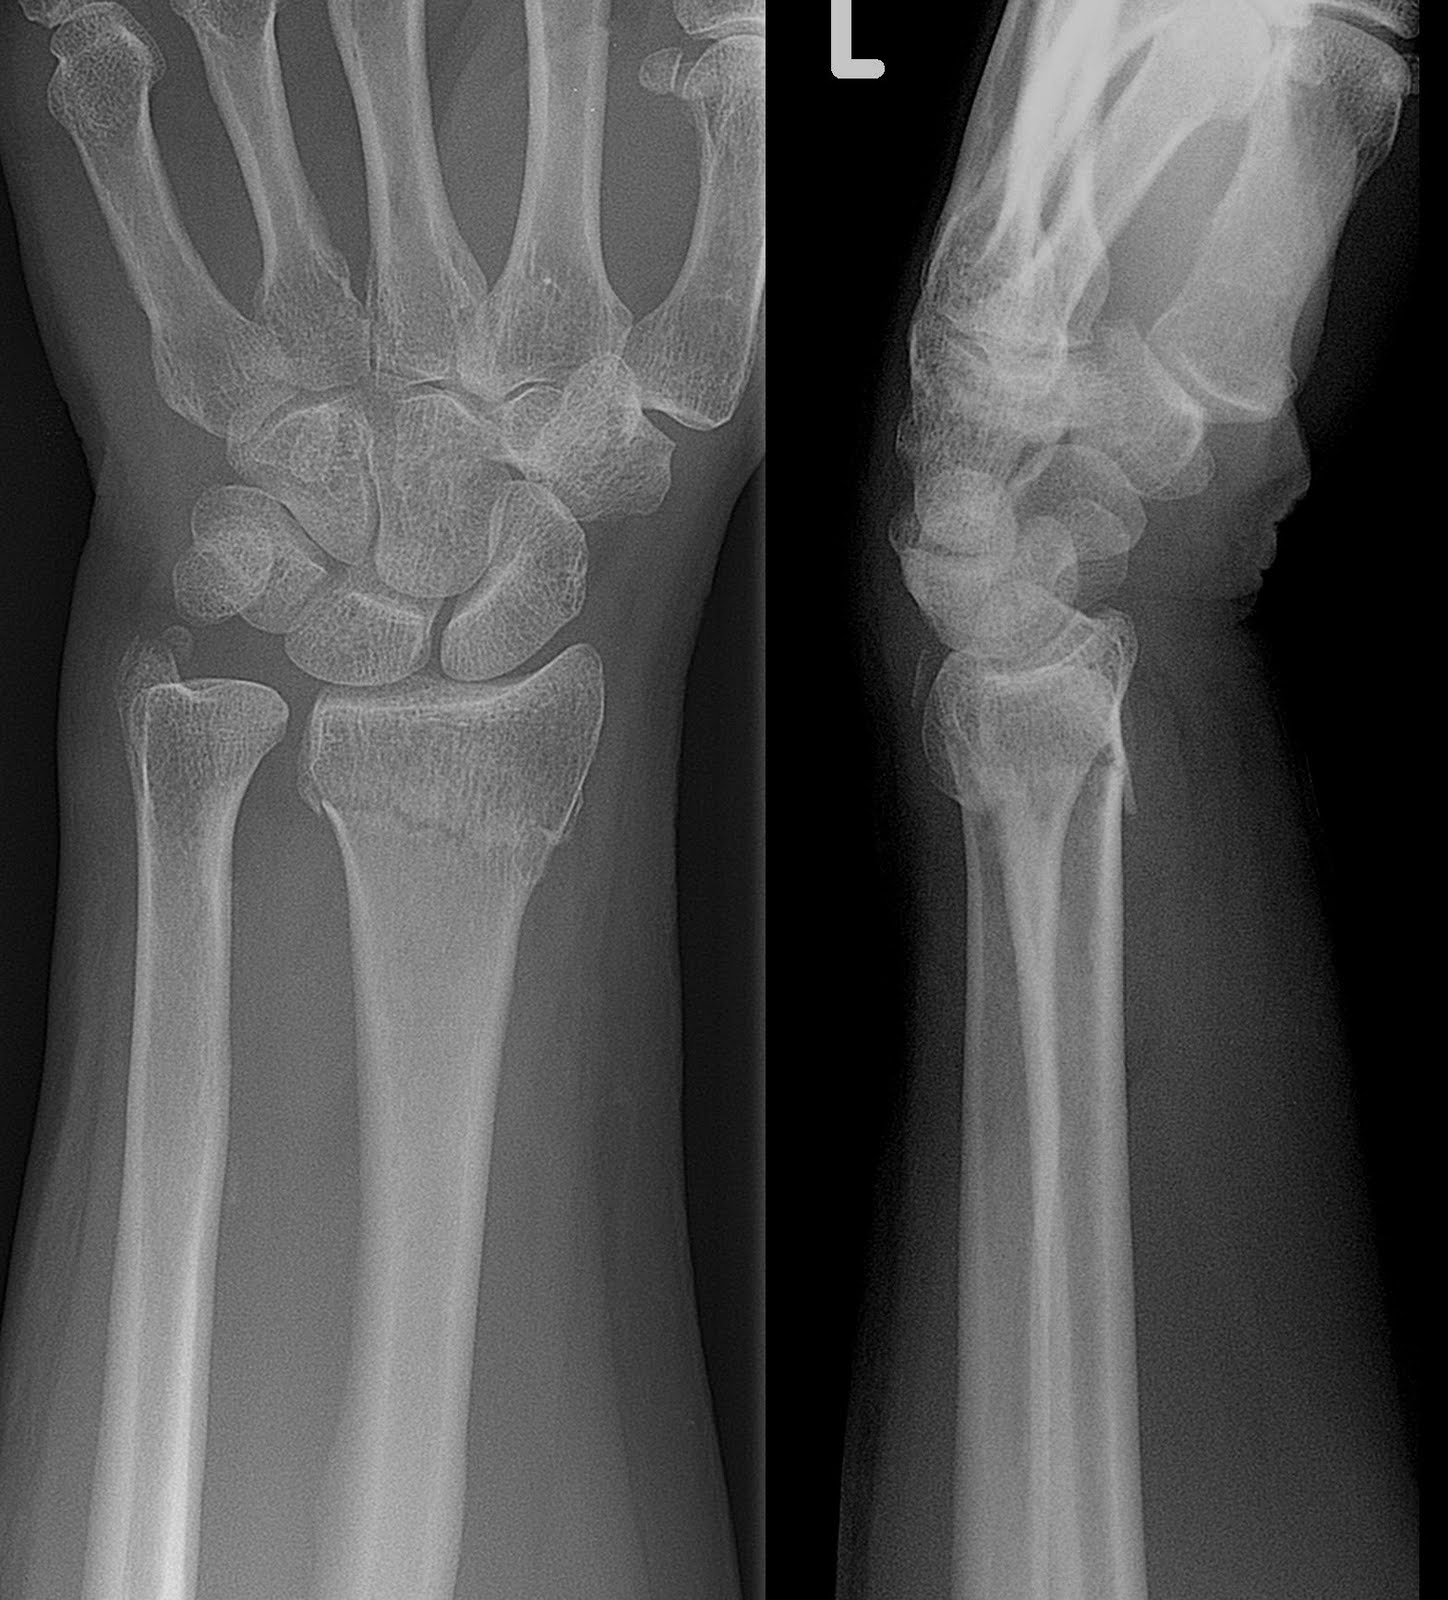 Colles Fracture-2.bp.blogspot.com